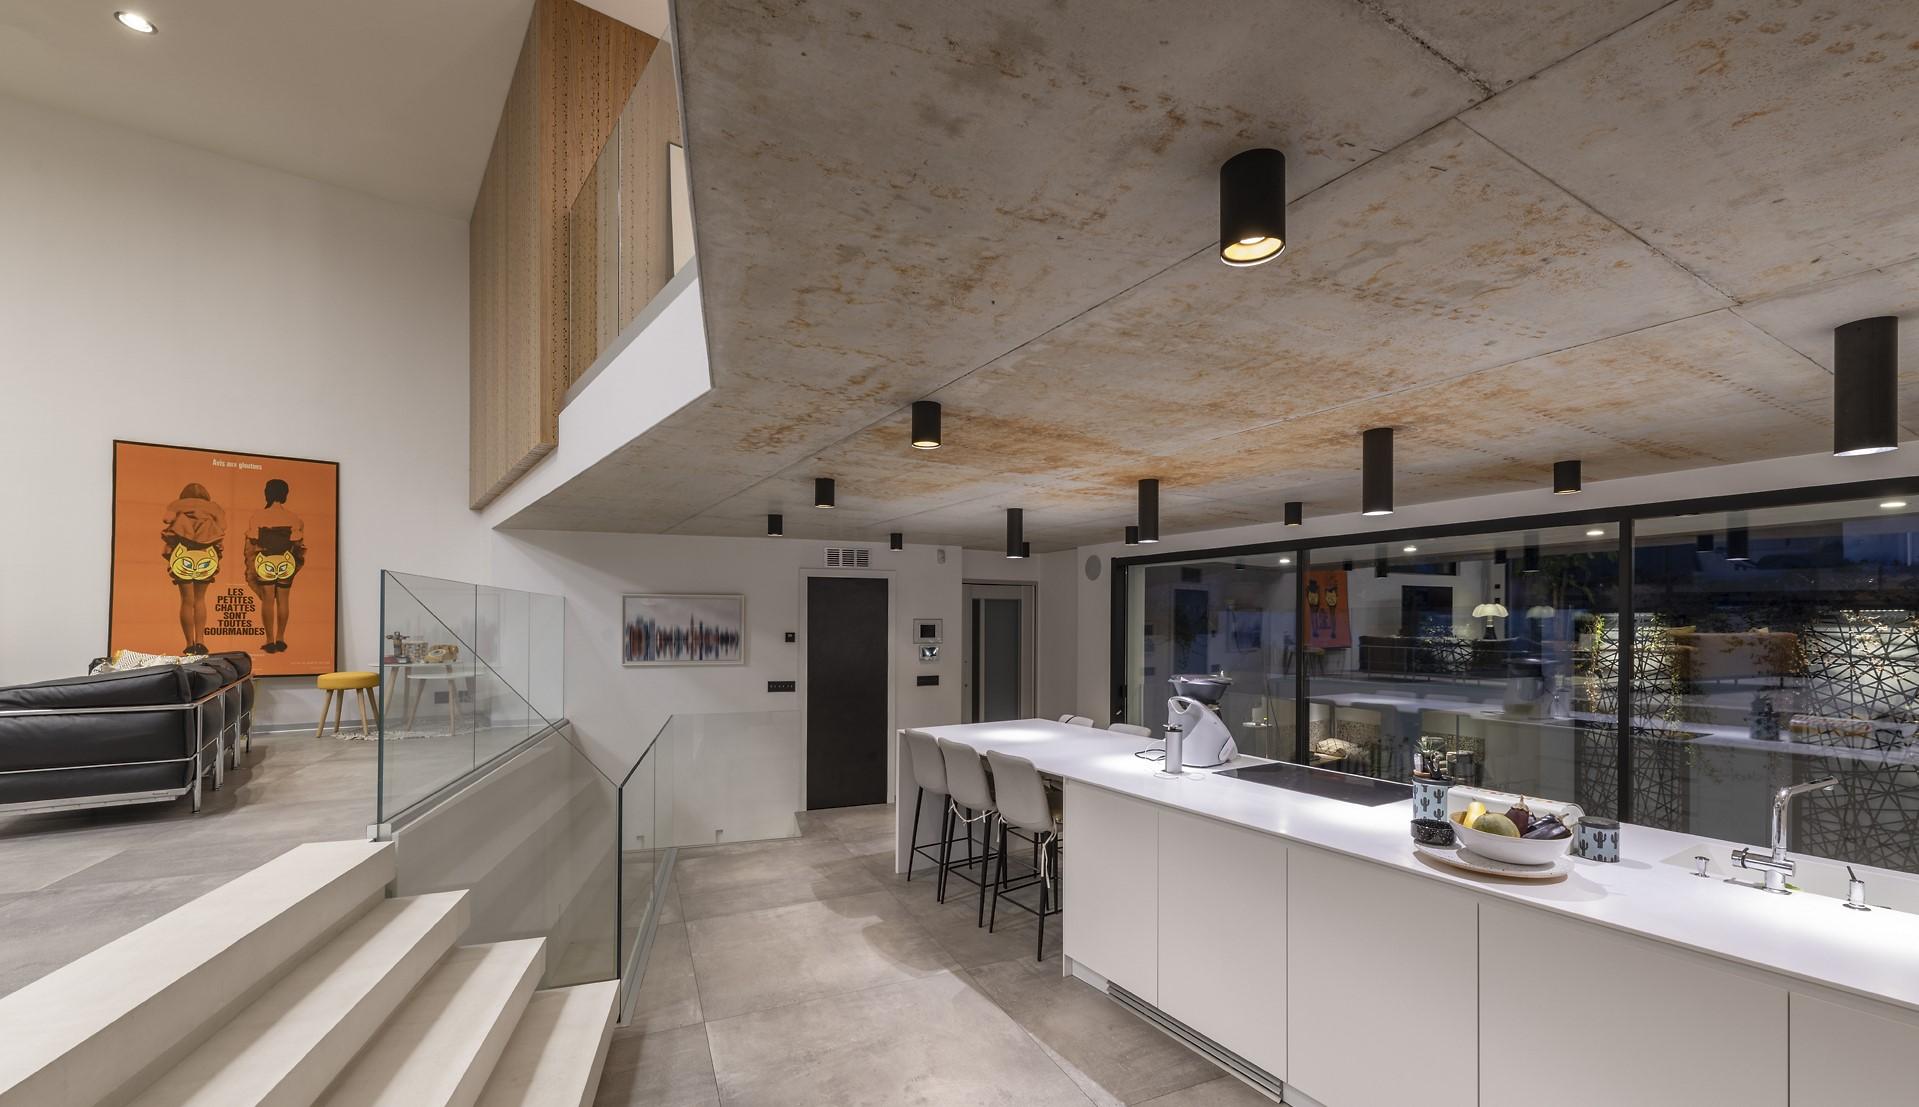 Plafonnier de style industirelle dans la cuisine de la villa Alpha